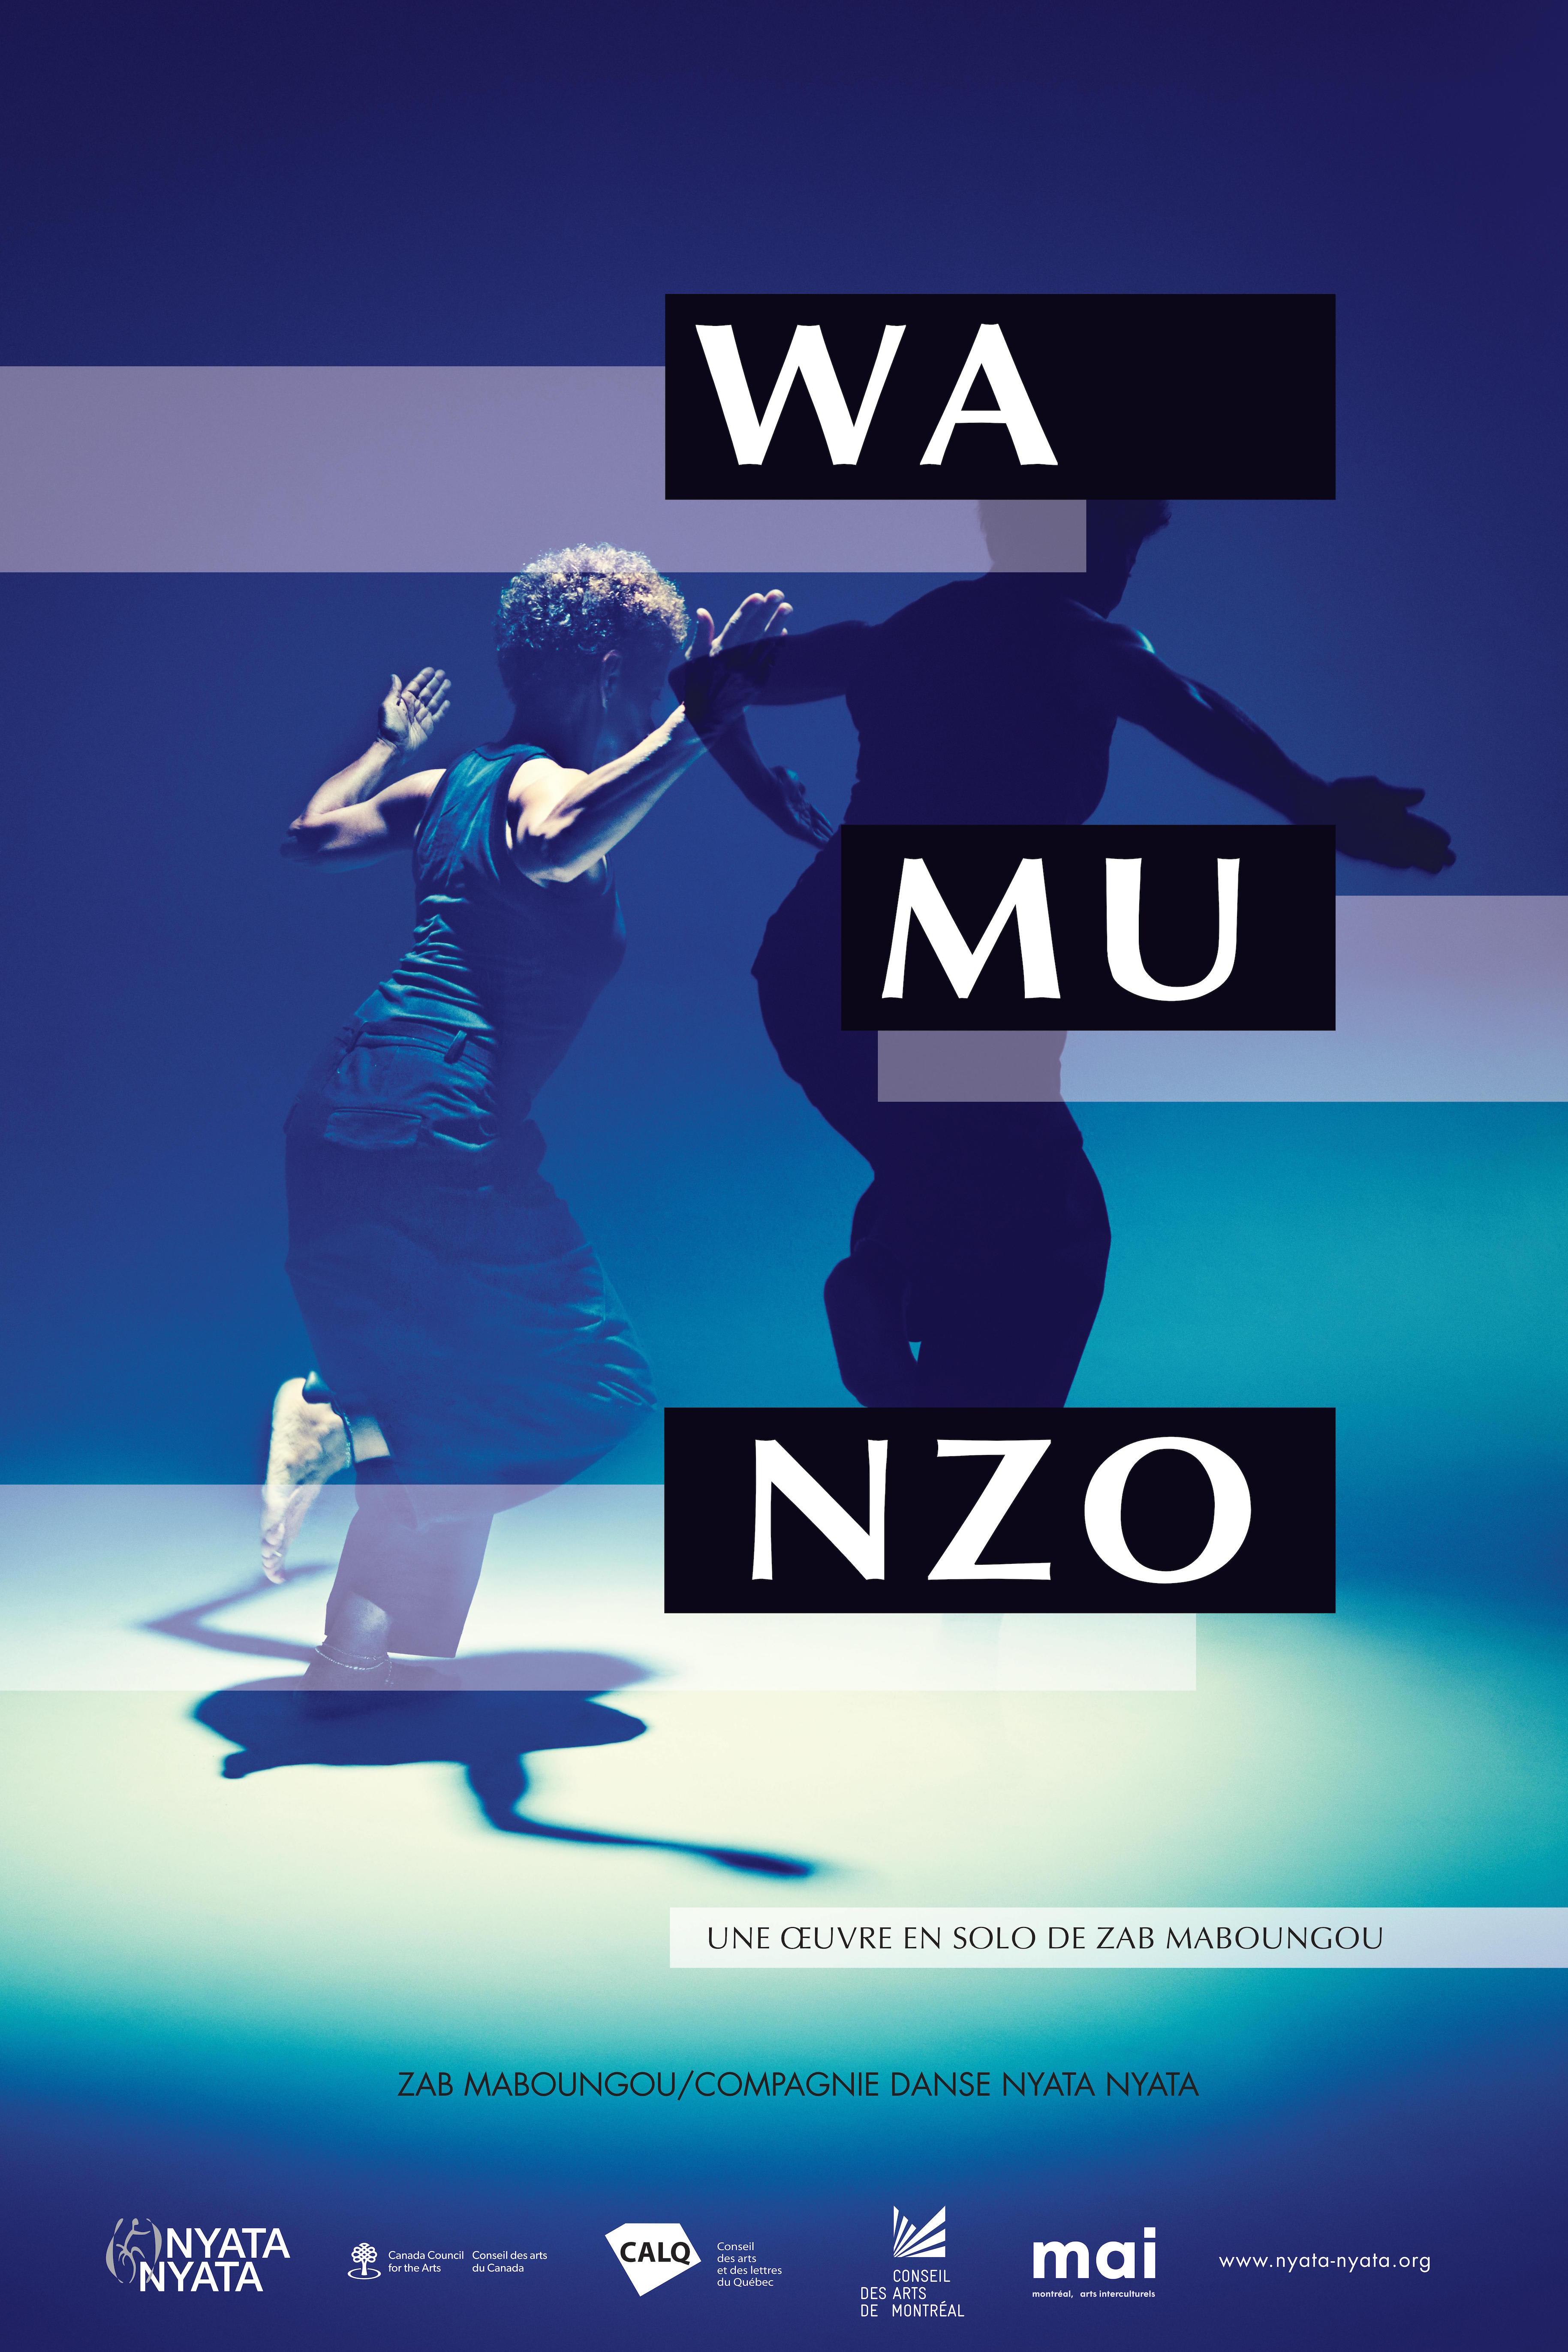 Zab Maboungou dans Wamunzo.